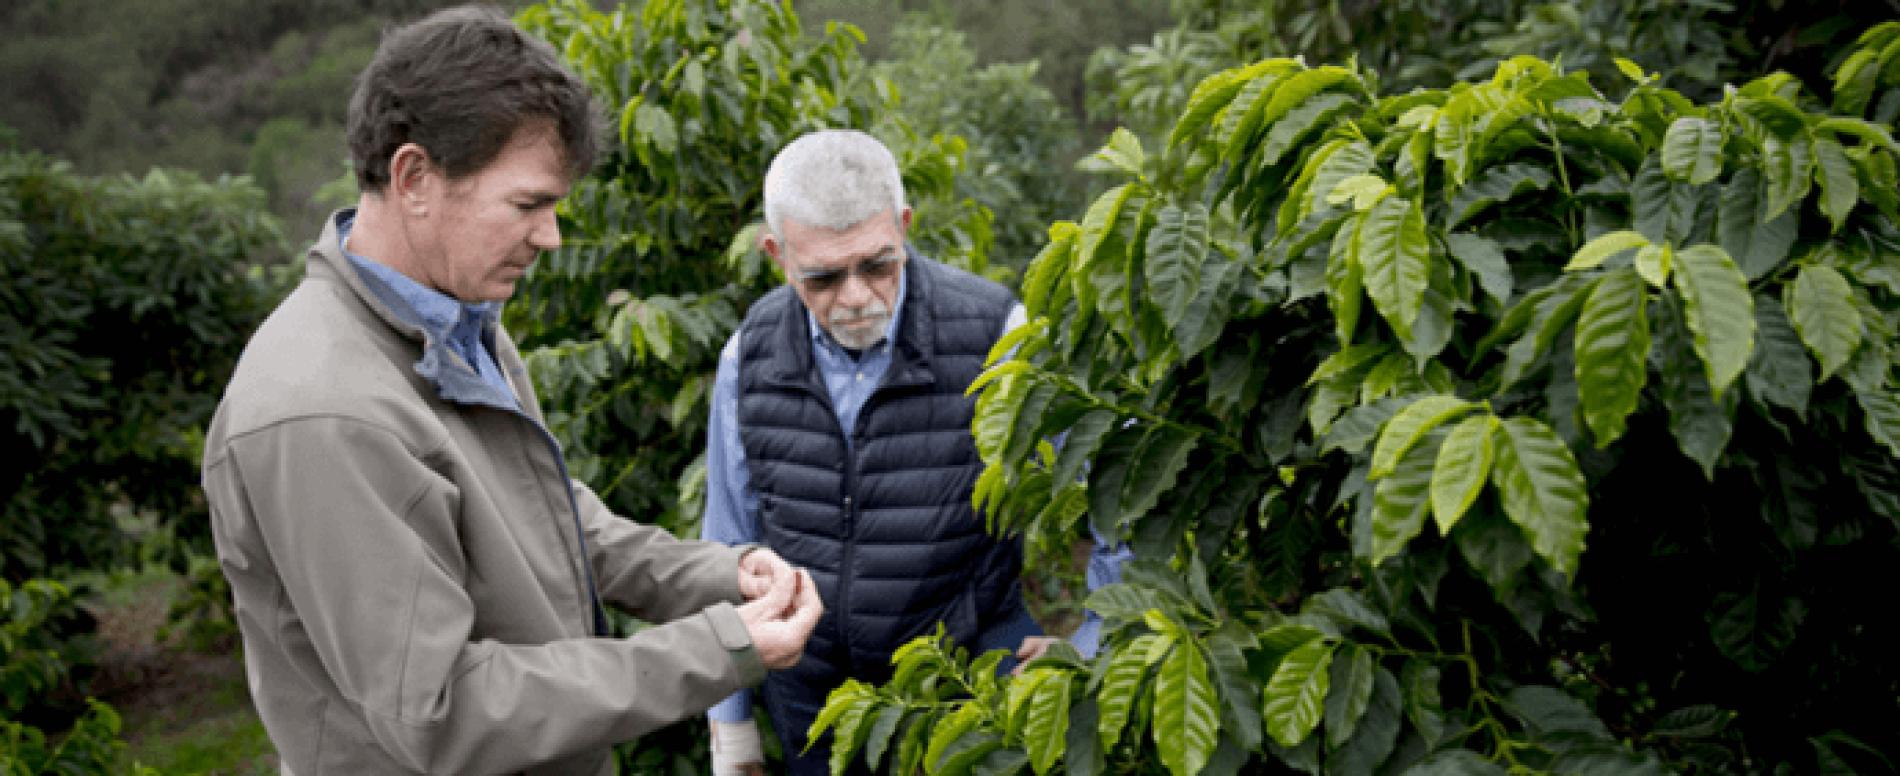 La California produce ottimo caffè e sfata tutte le teorie